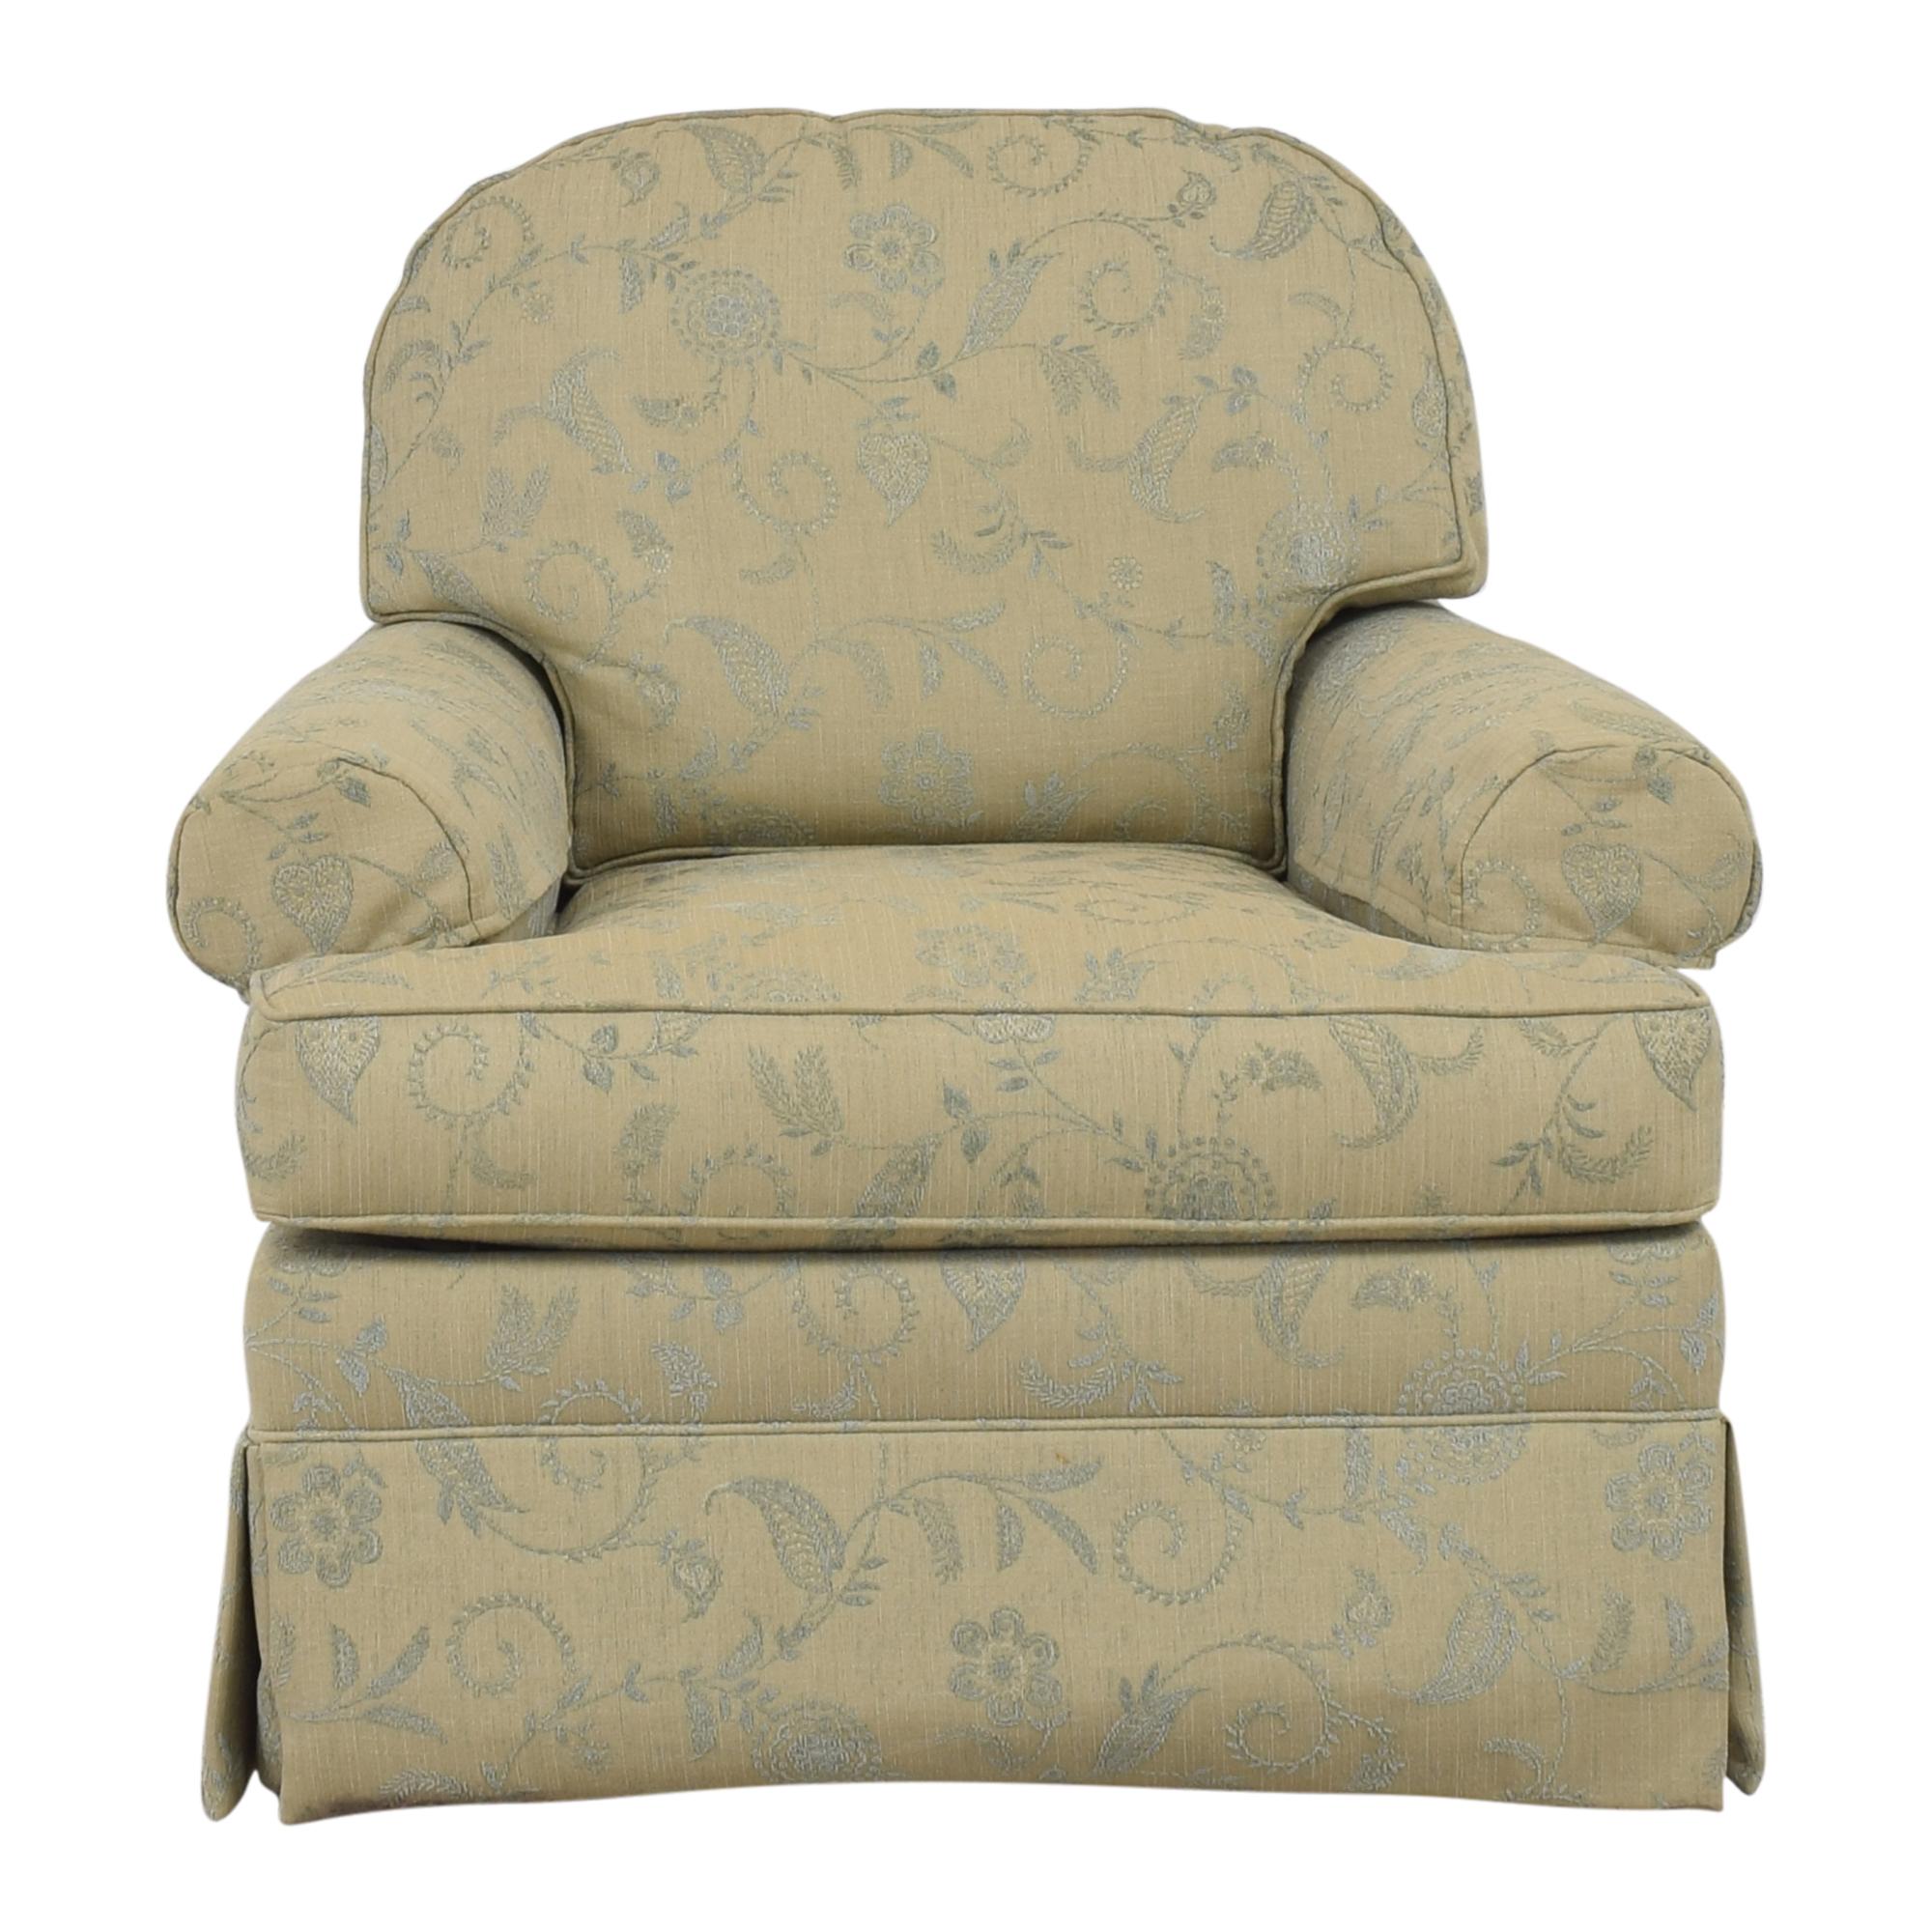 Ethan Allen Devonshire Swivel Glider / Accent Chairs